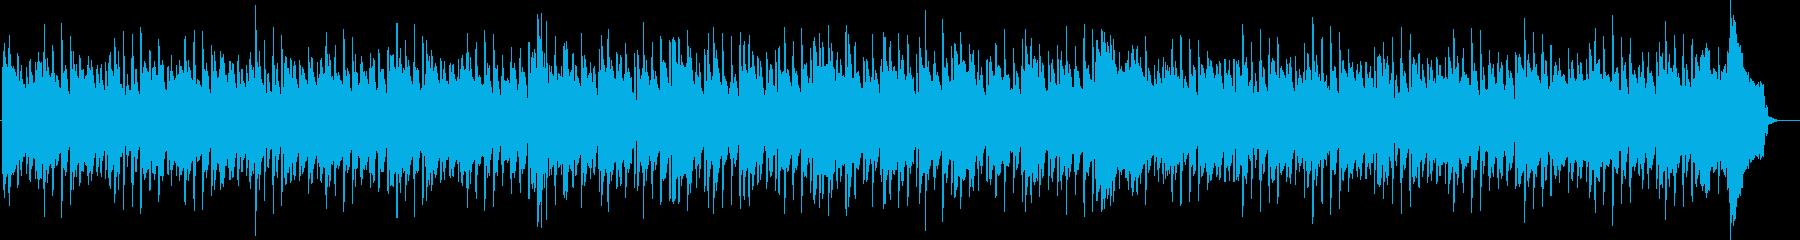 明るくコミカルなシーン、ペット動画風の再生済みの波形